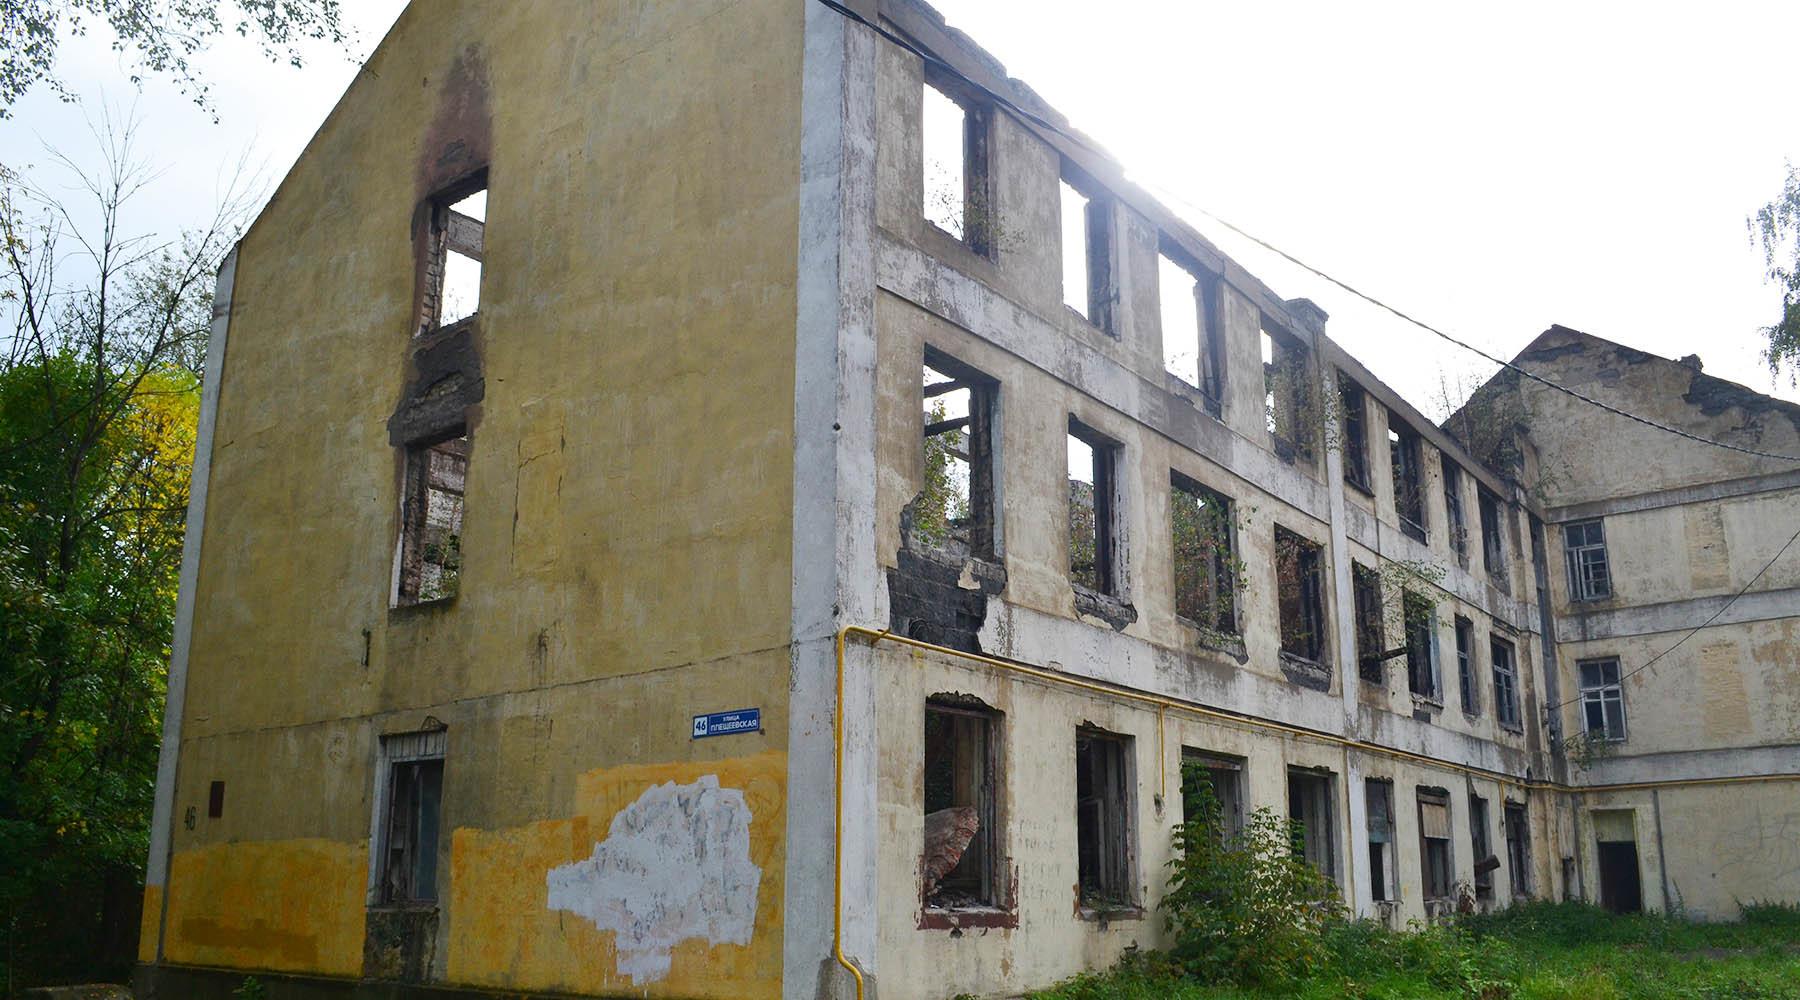 Власти подмосковного города десять лет не могут расселить сгоревший дом